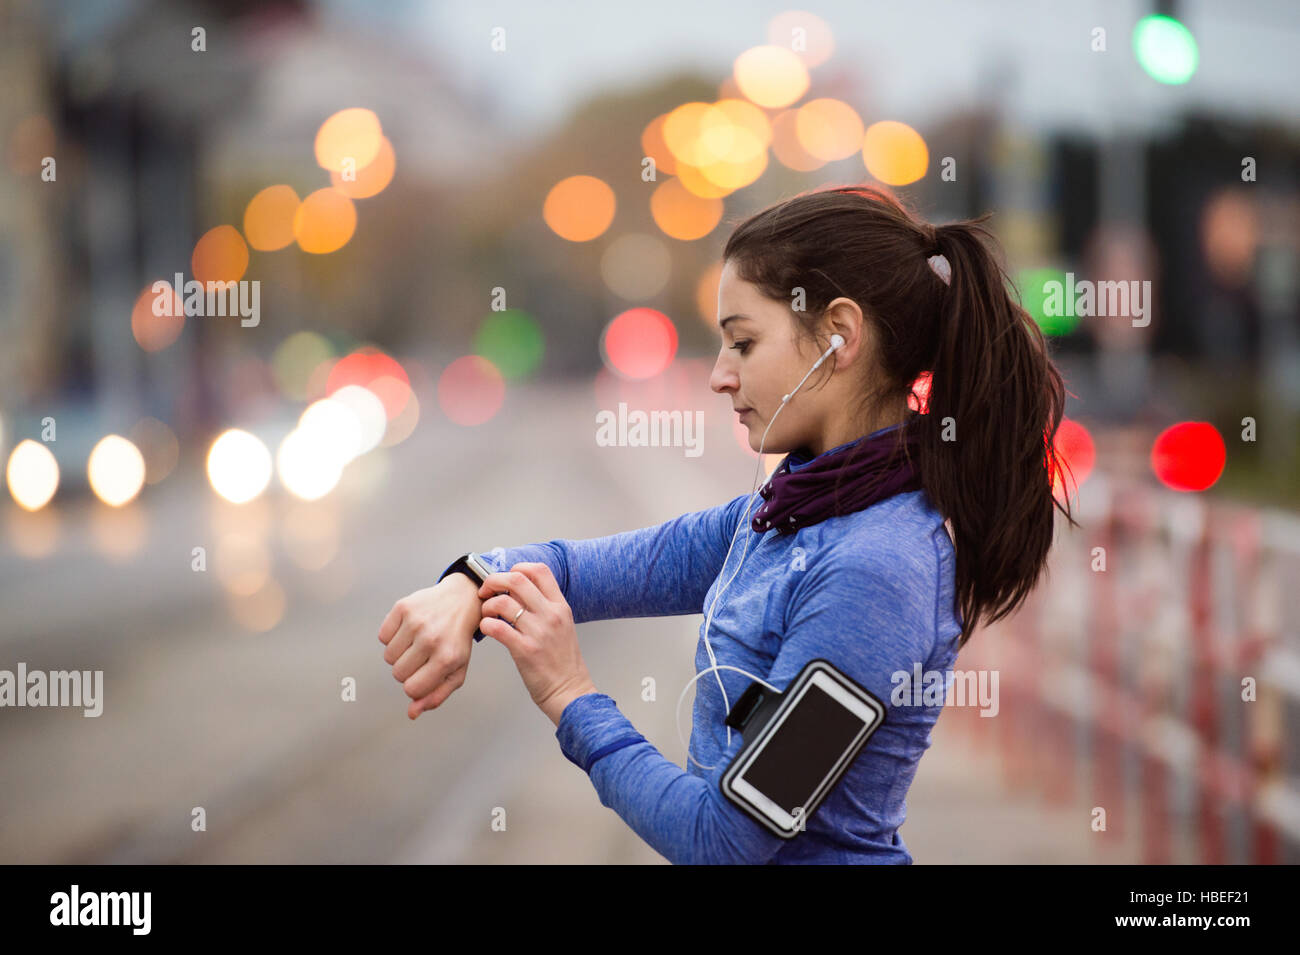 Junge Frau in blauen Sweatshirt laufen in der Stadt Stockbild